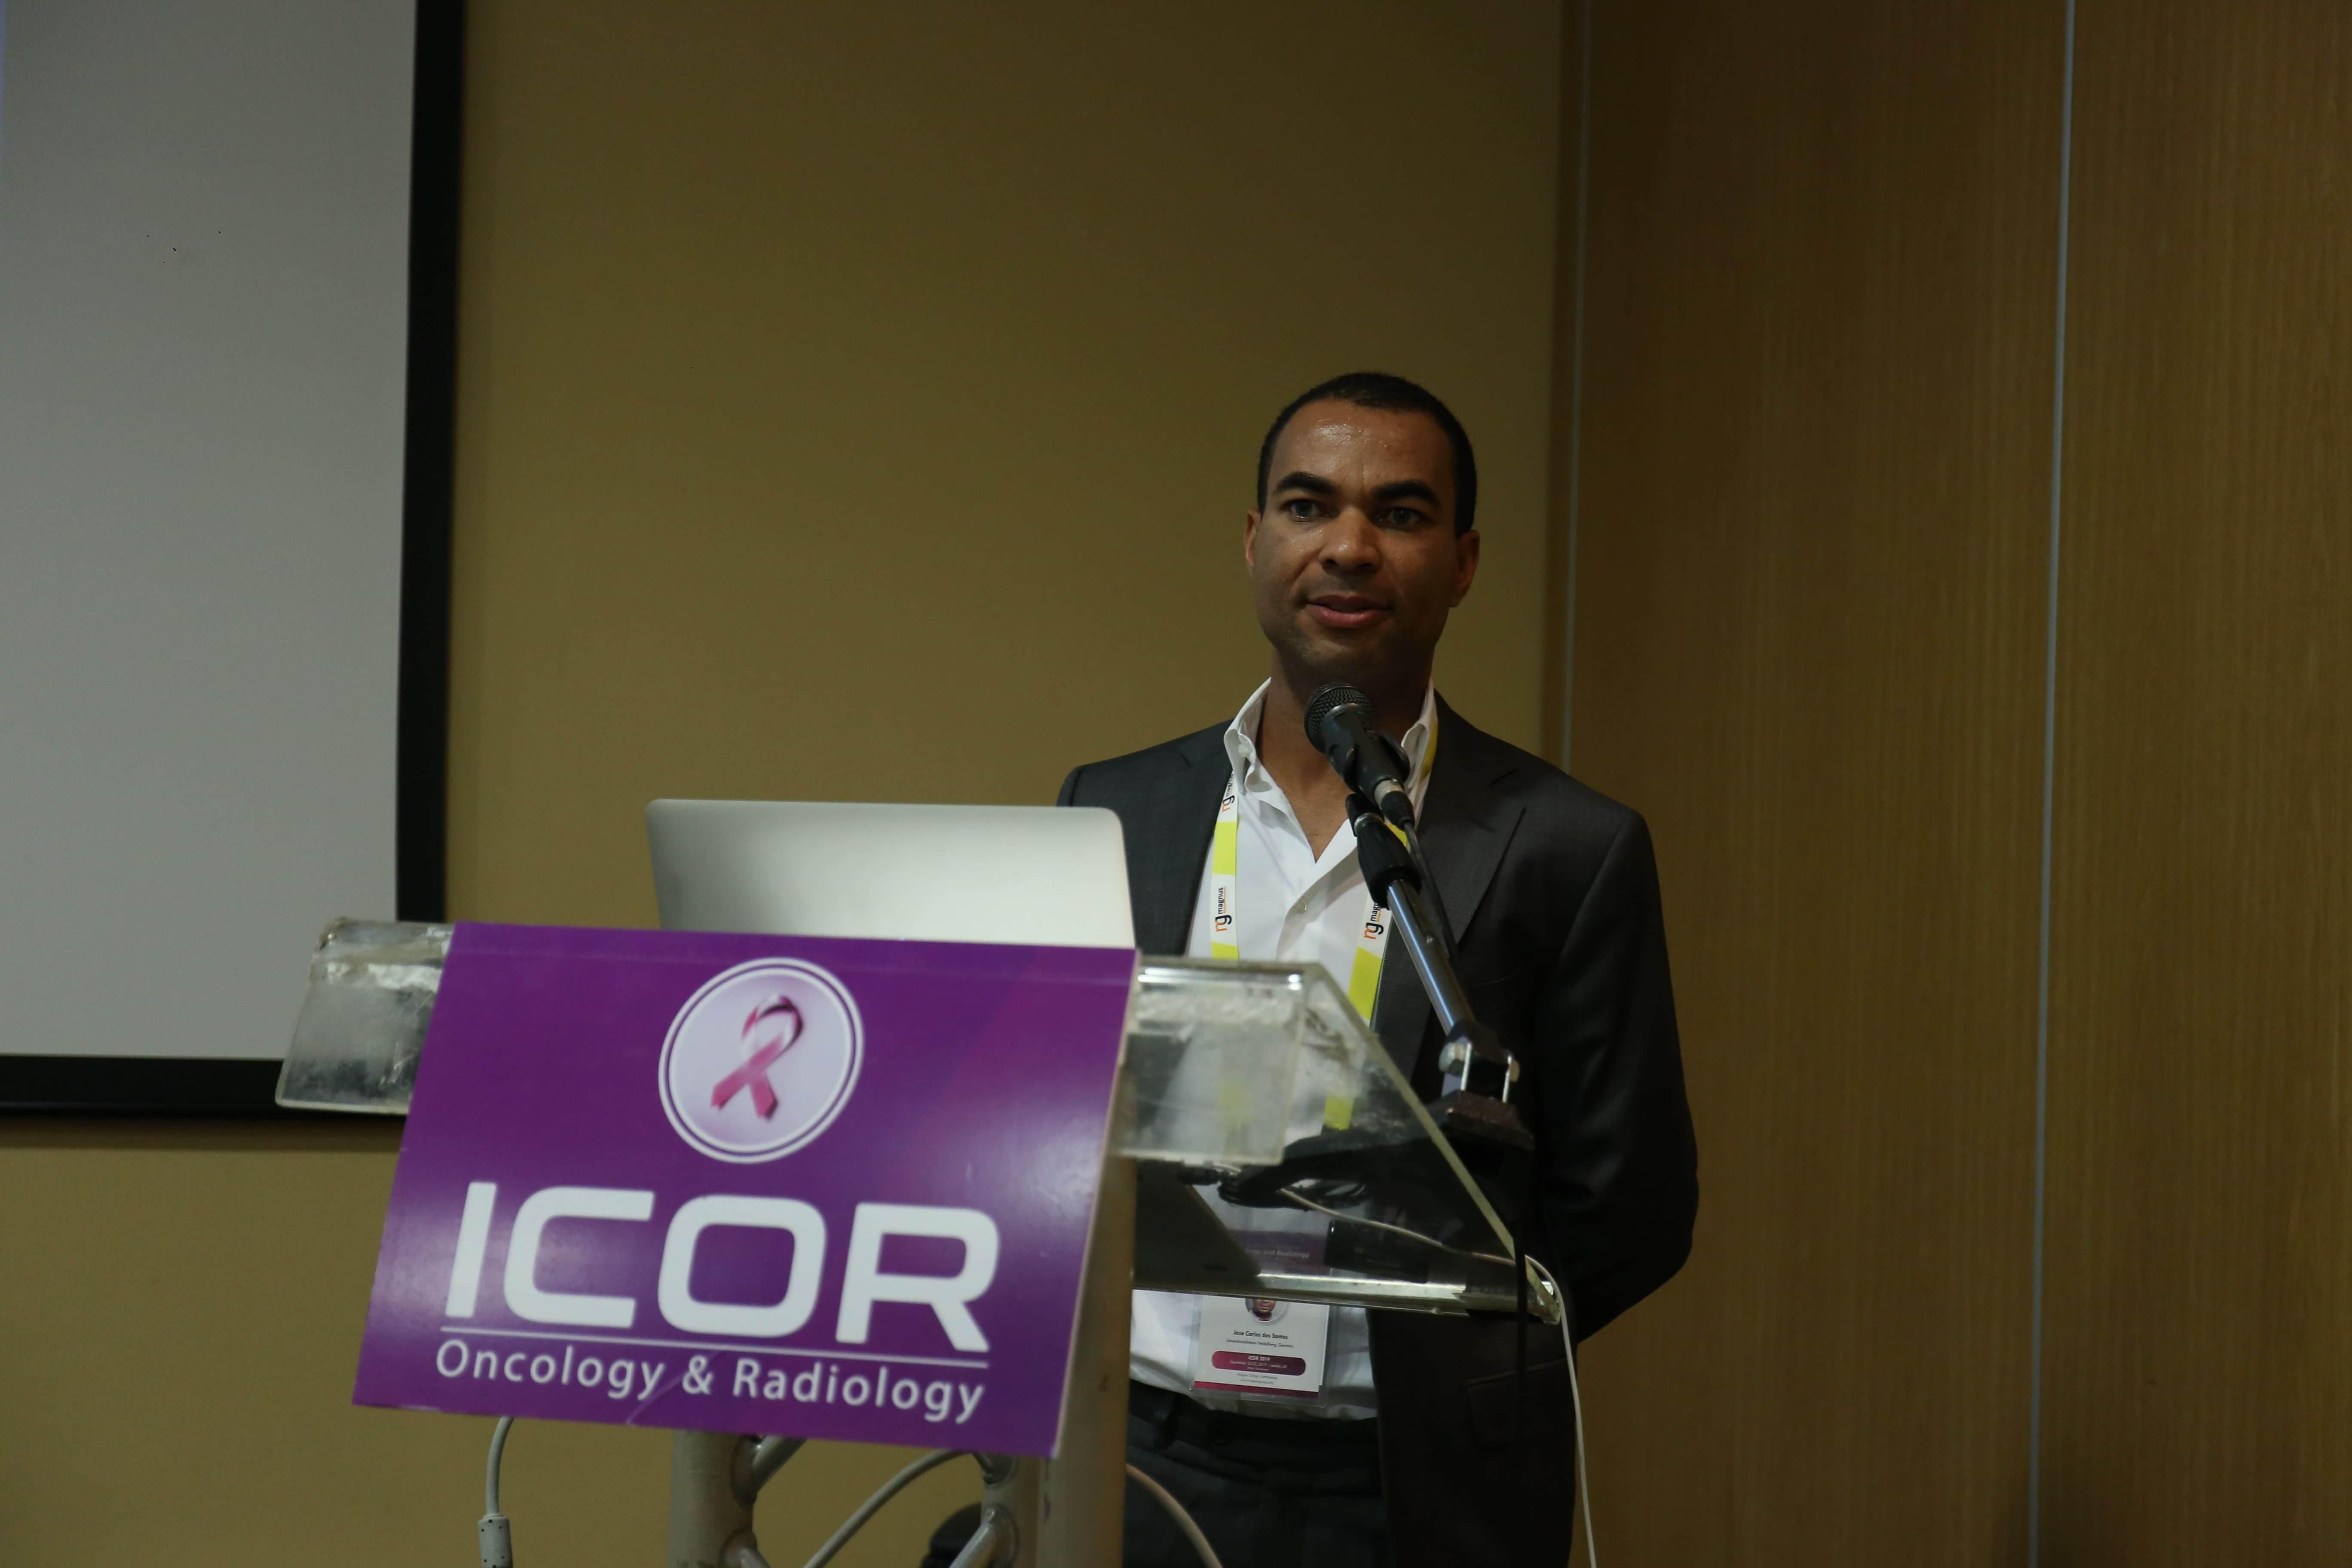 Cancer conference - Jose Carlos dos Santos